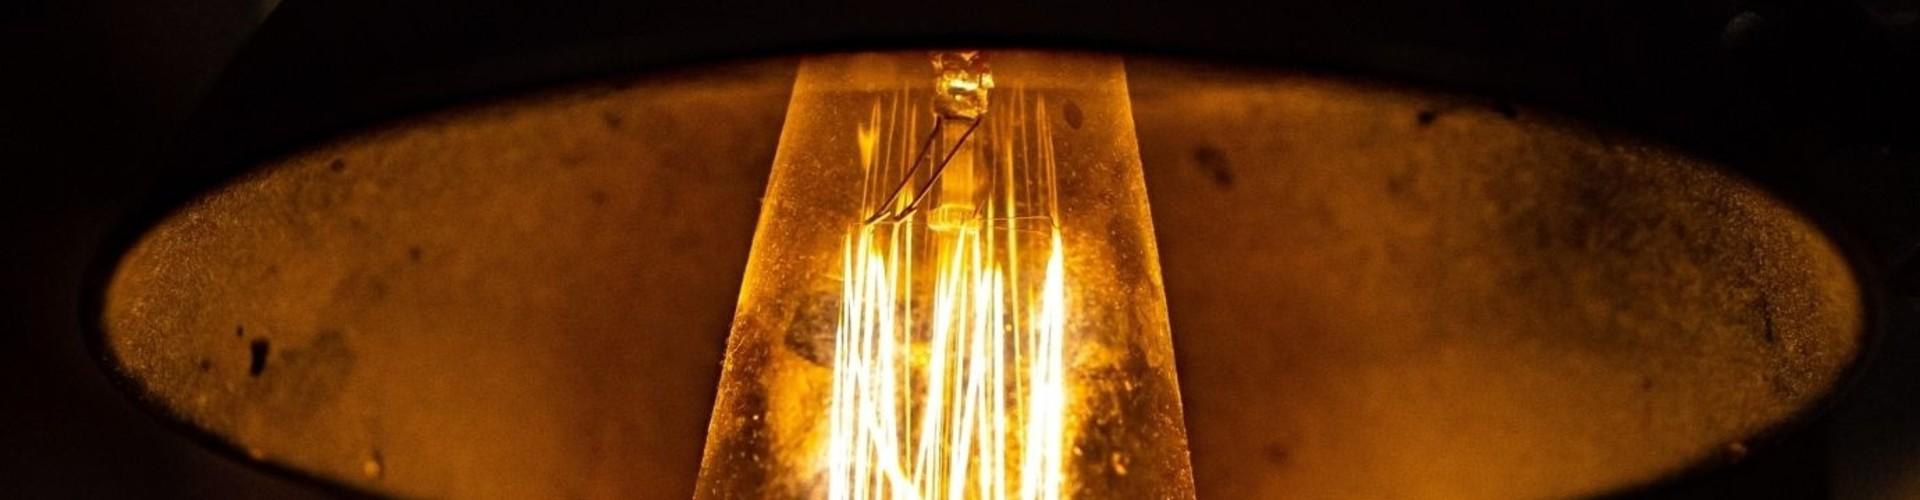 Industriële plafondlamp: stoere vorm en uitstraling